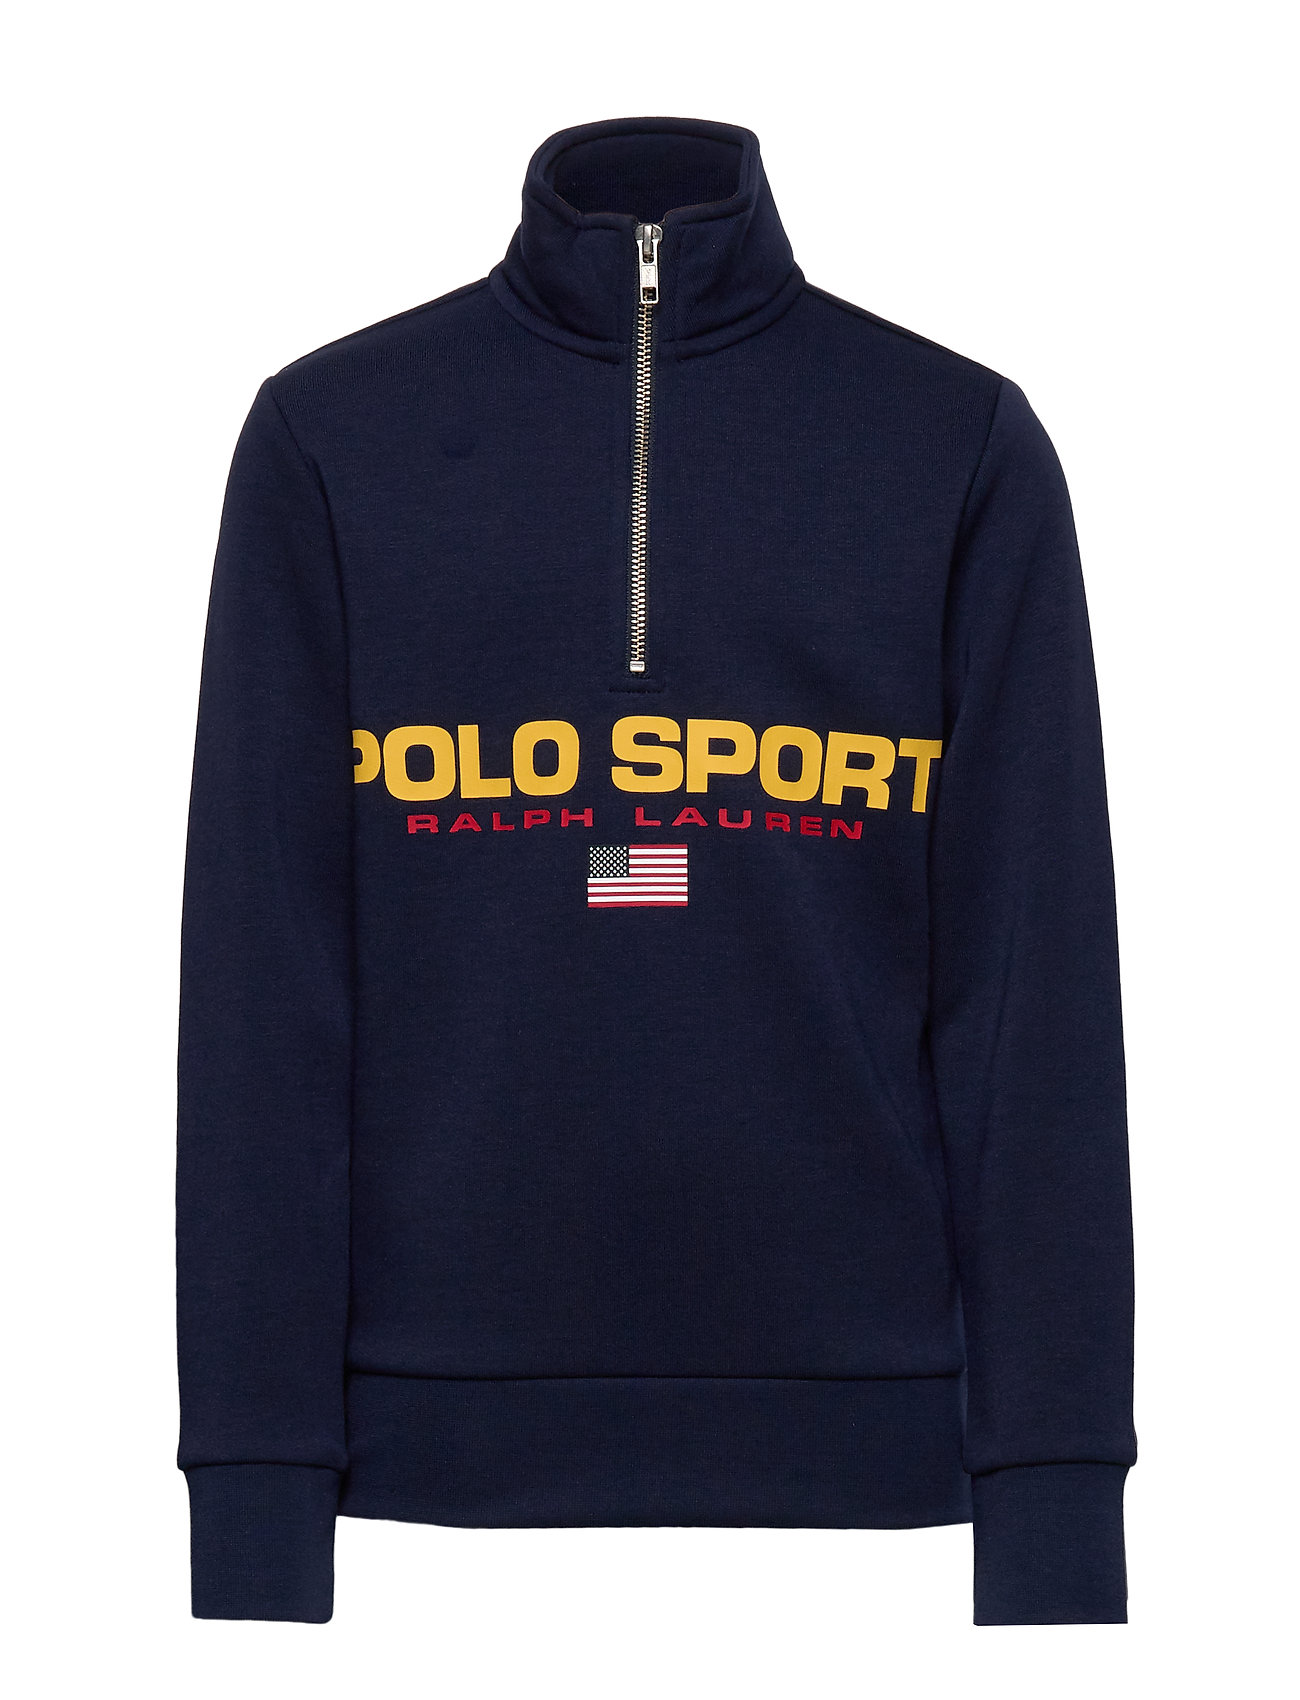 Ralph Lauren Kids Polo Sport Half-Zip Sweatshirt - CRUISE NAVY